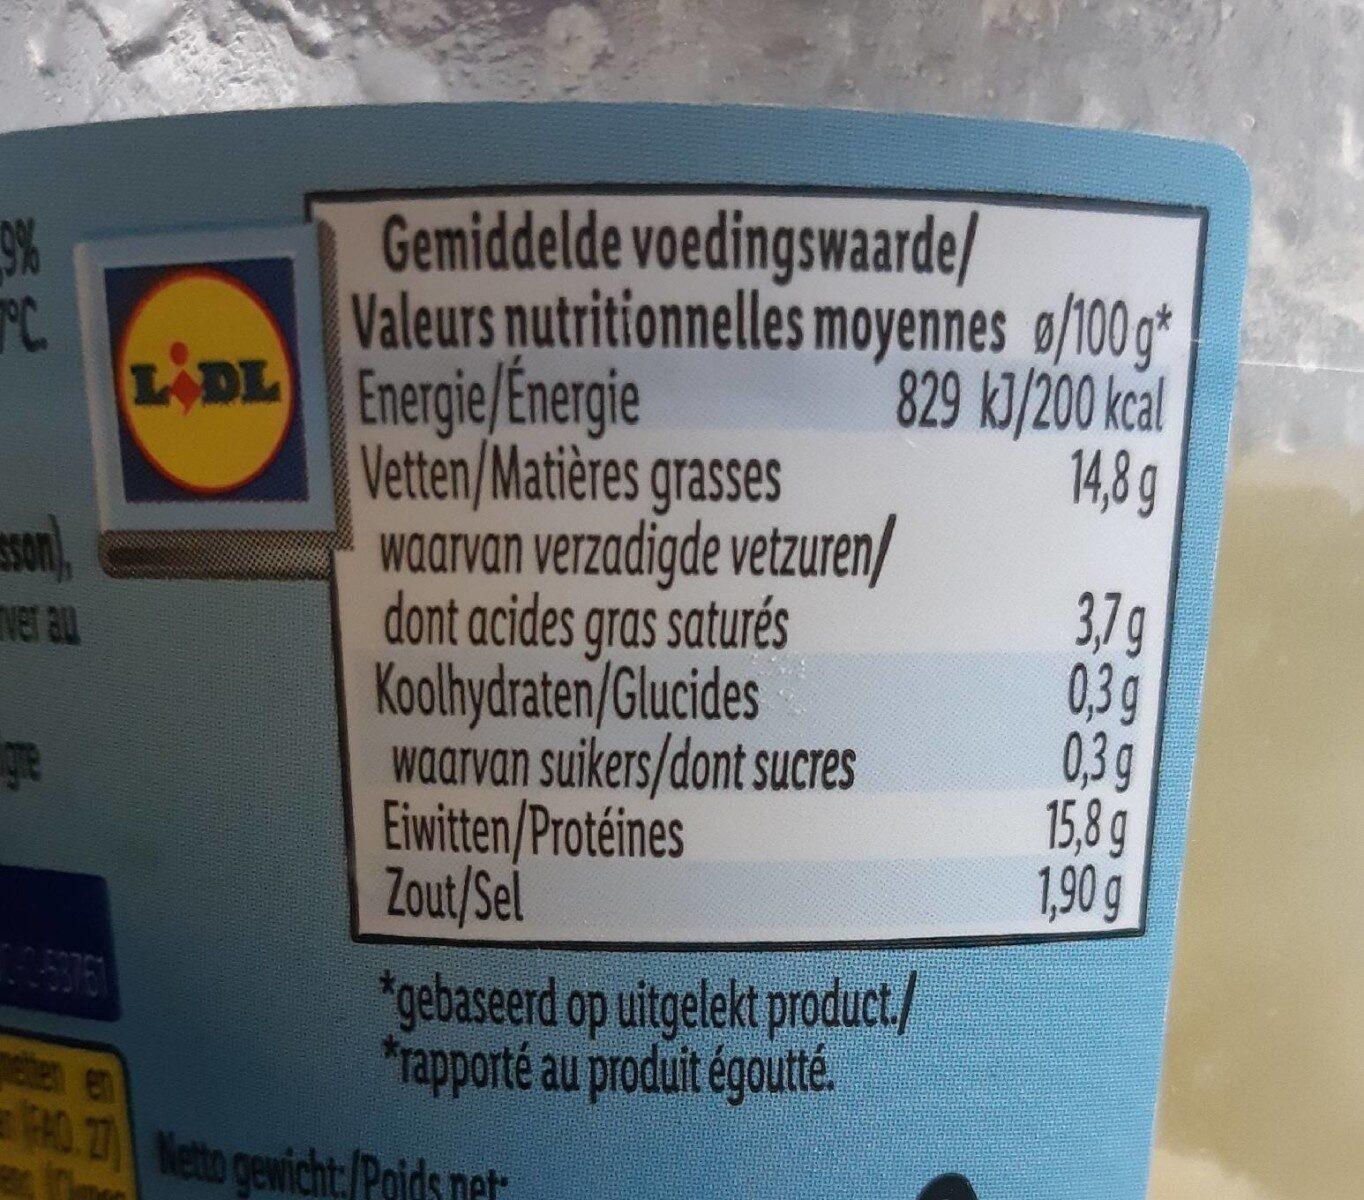 Filet de hareng au vinaigre - Informations nutritionnelles - fr